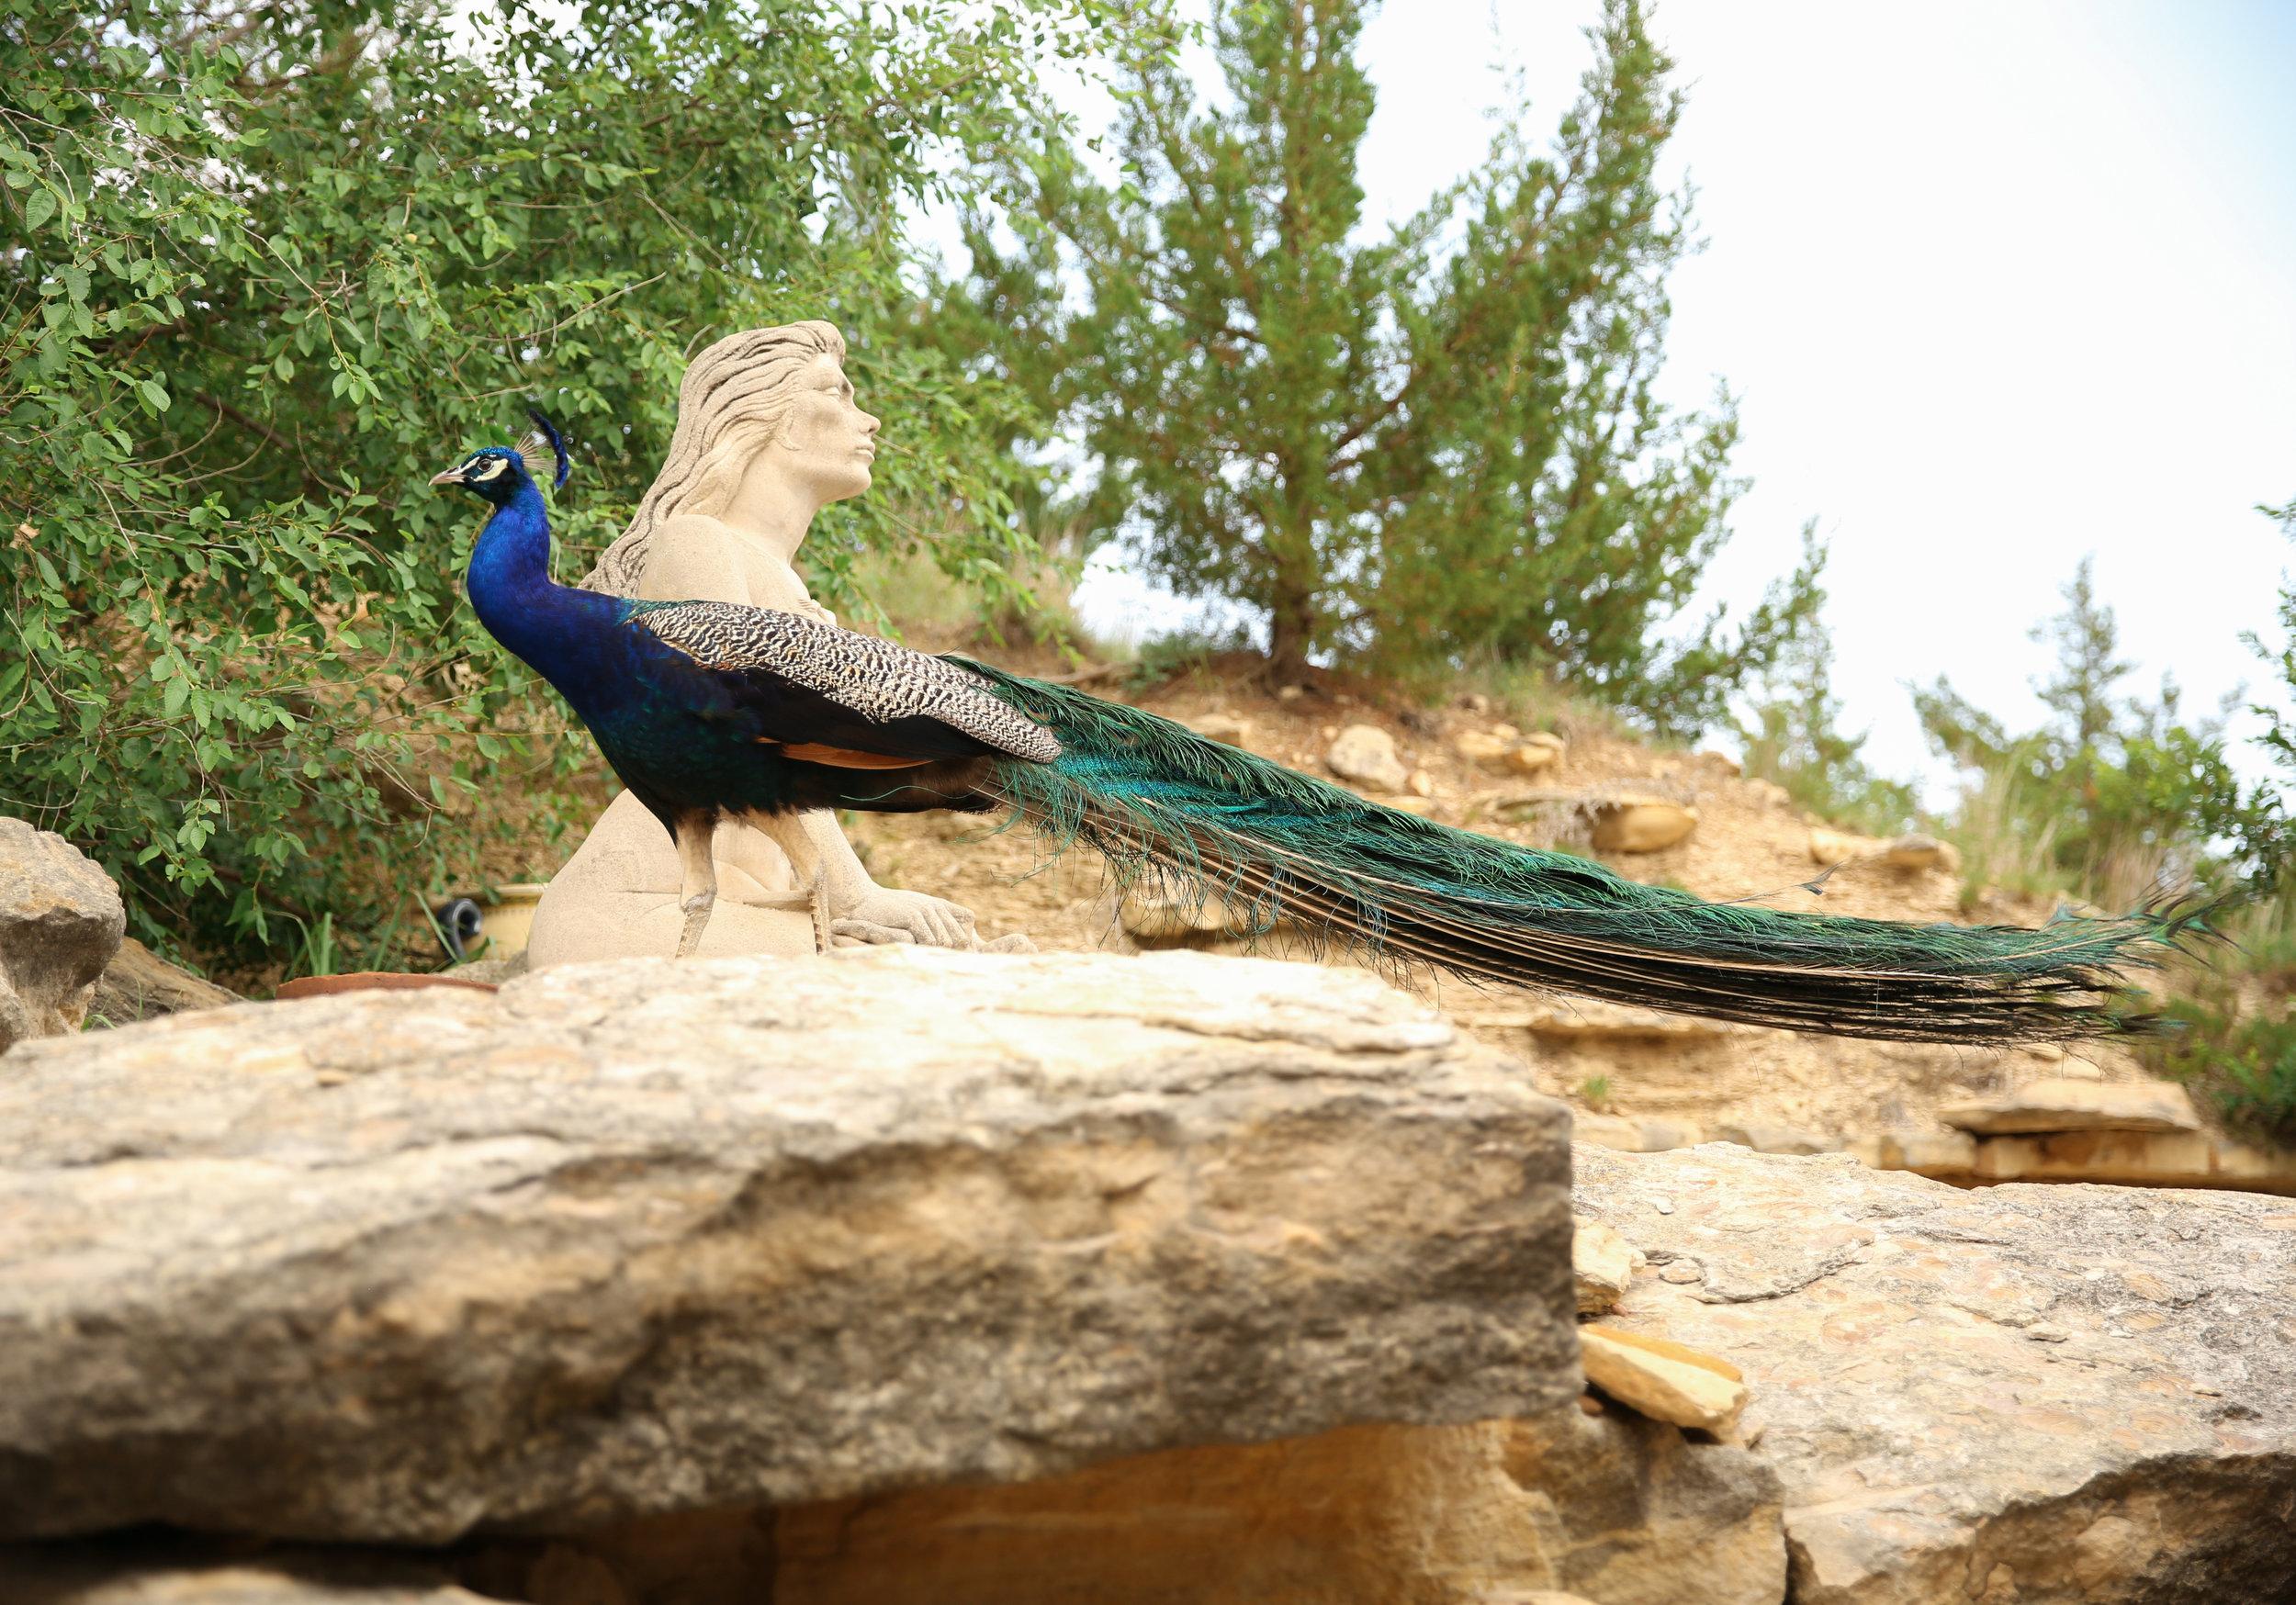 wildlife_peacock.jpg